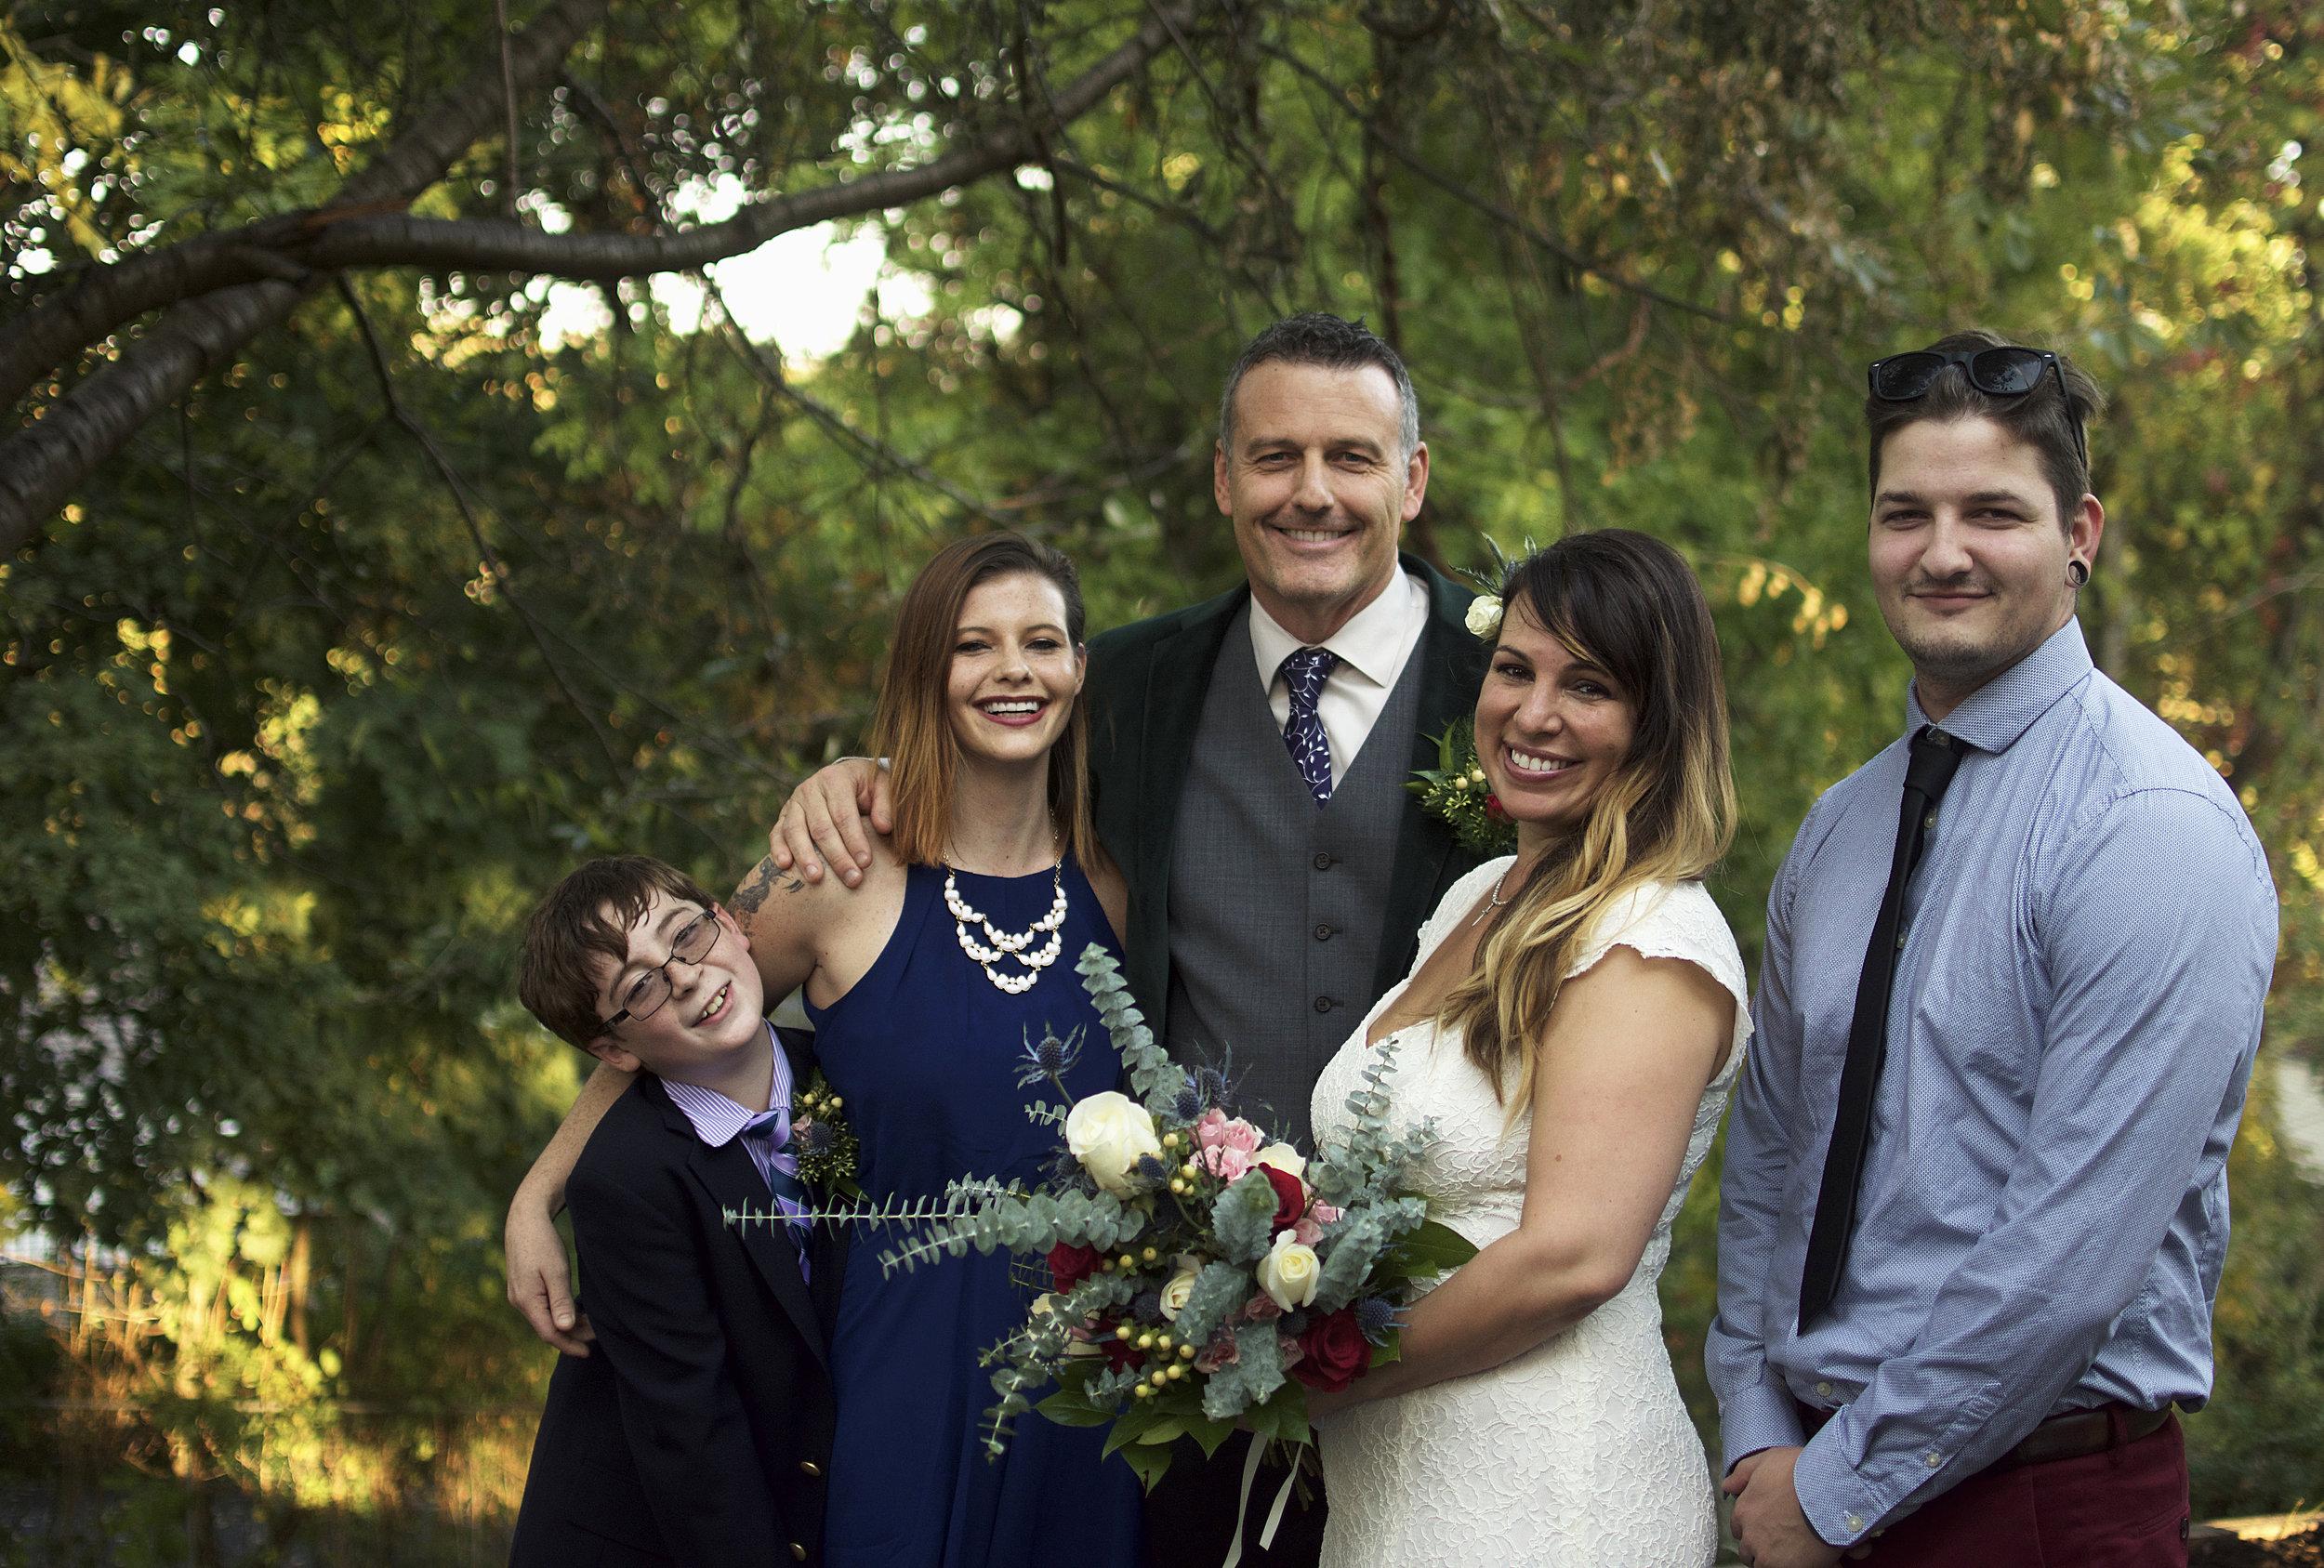 NelsonWeddingBrideGroup6(Family).jpg